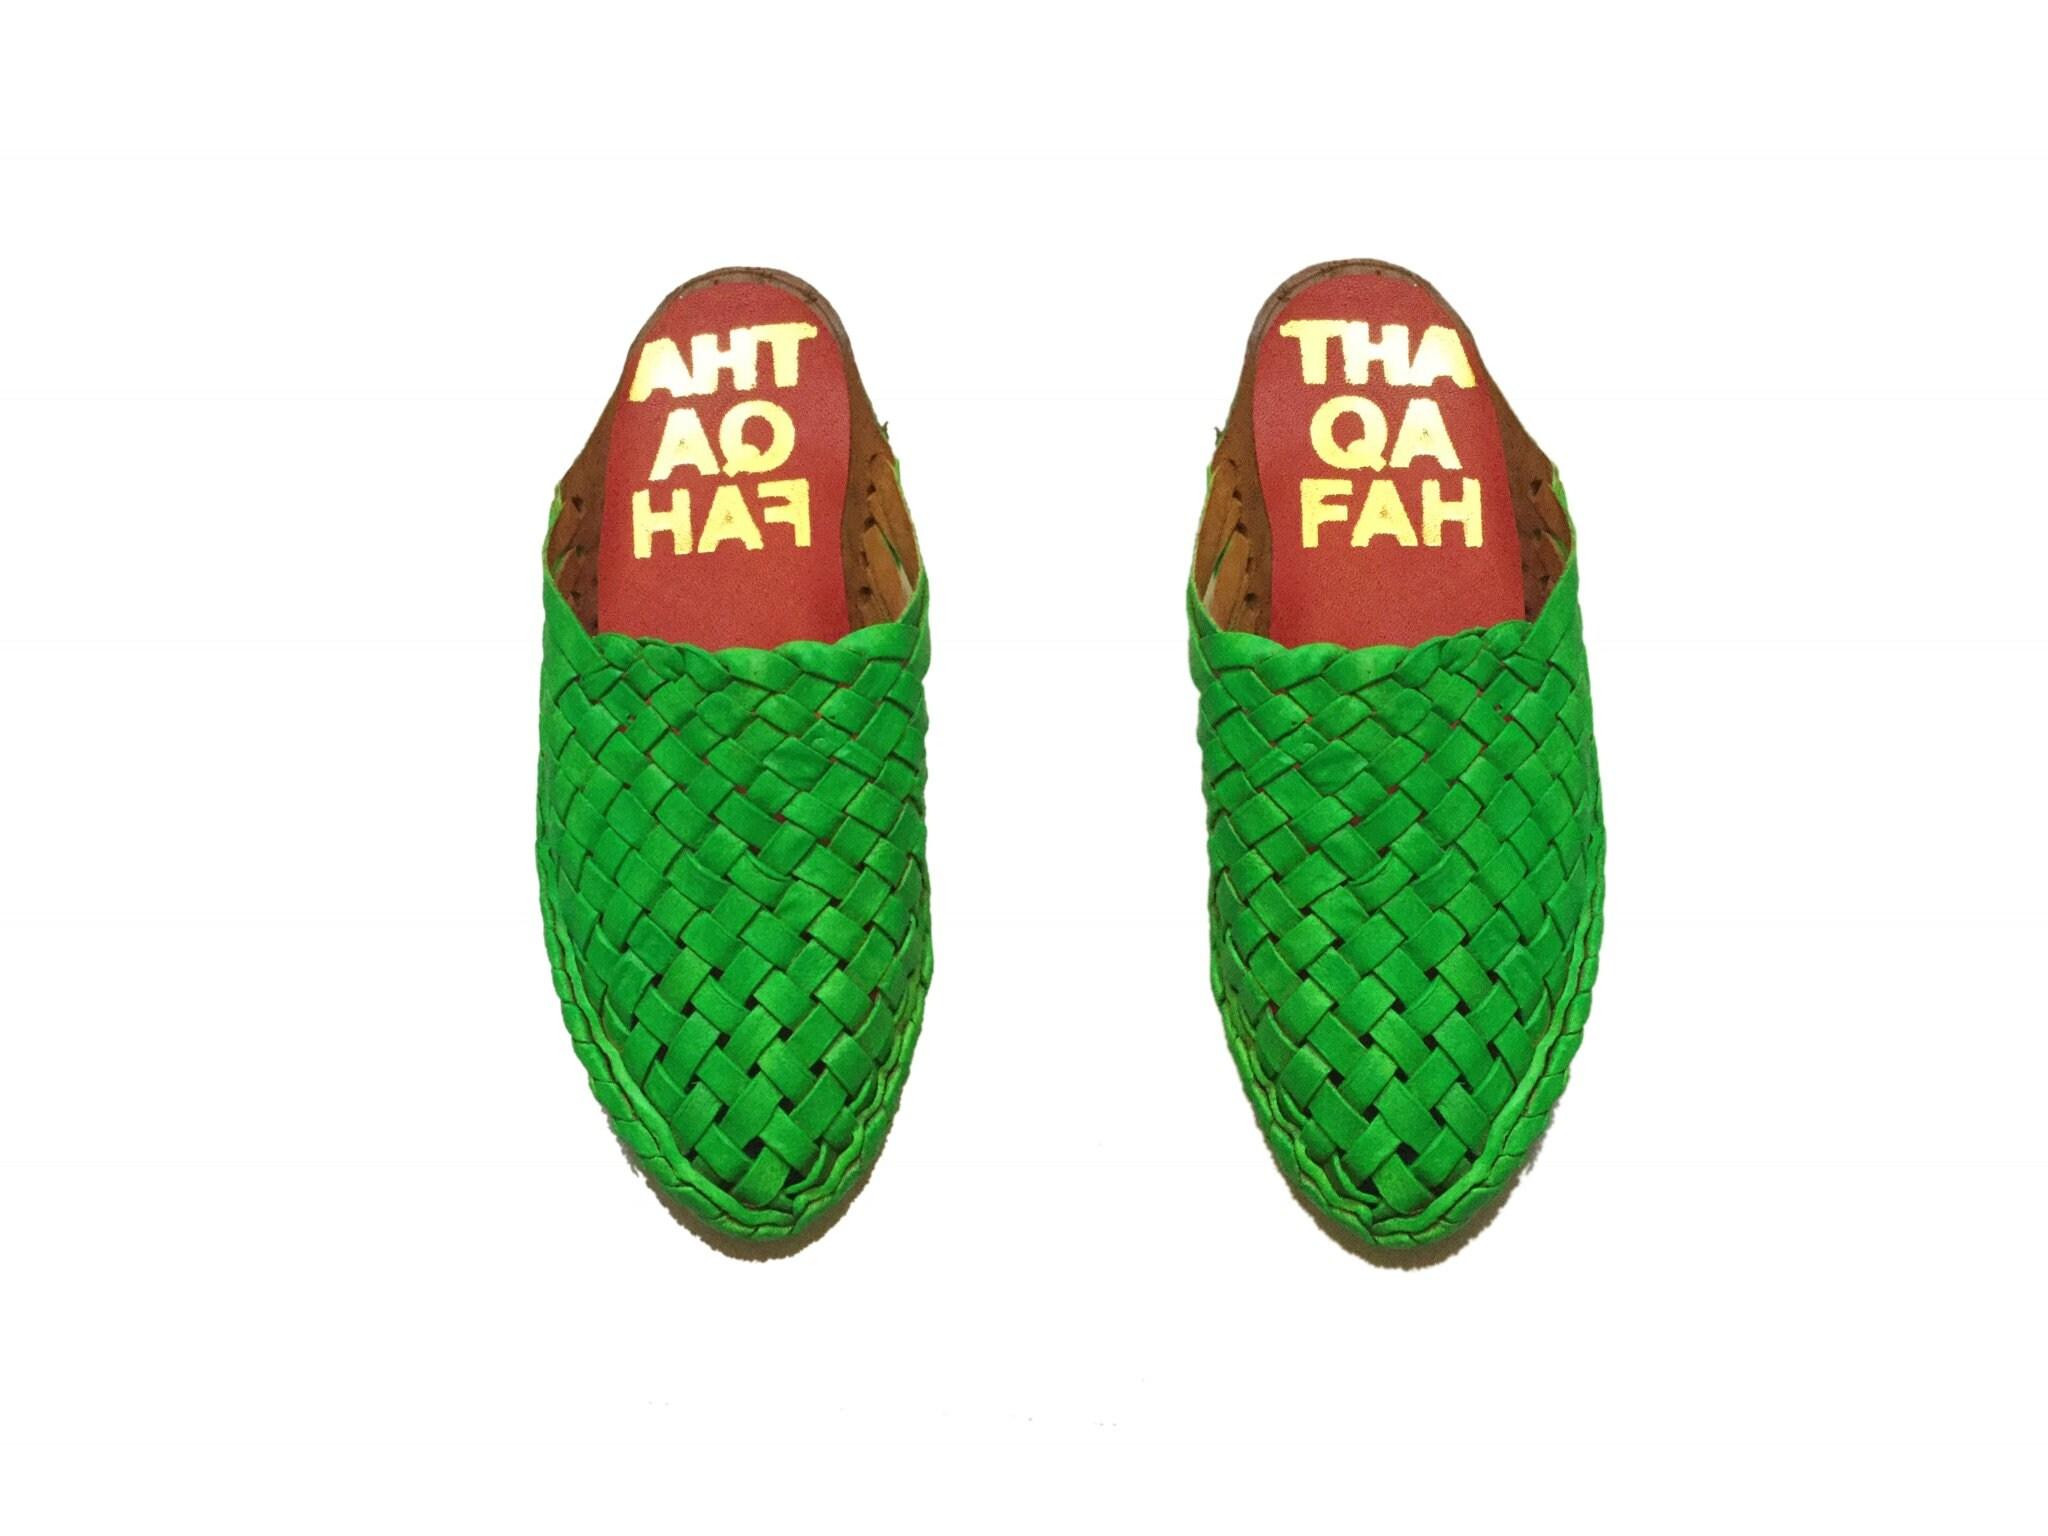 thaqafah, les mules, babouche en en en cuir vert, chaussures de marche, les chaussures, les mulets 12ea2c